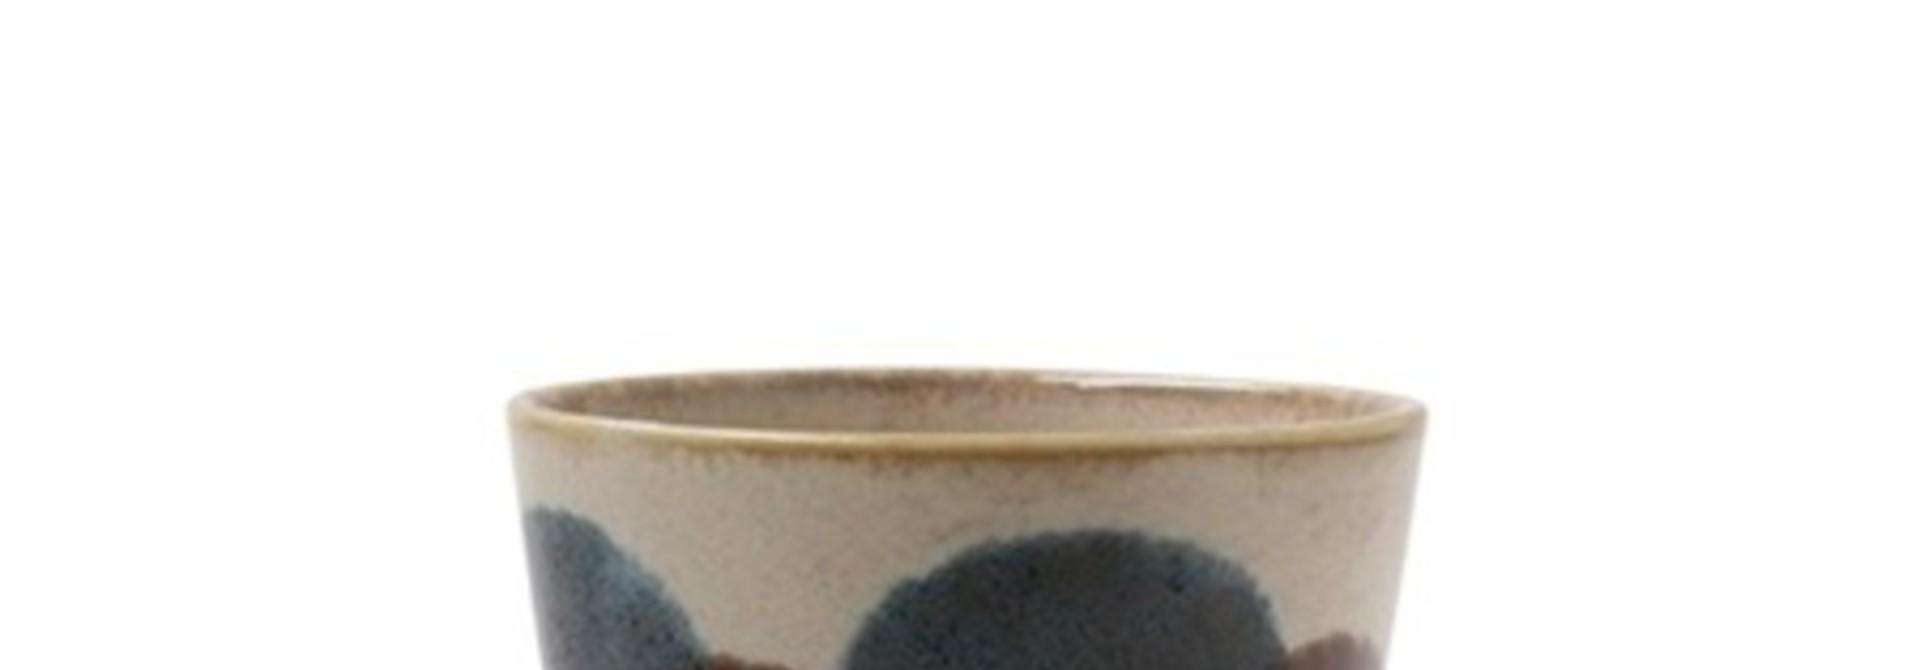 Rustic Dots Soba Cup